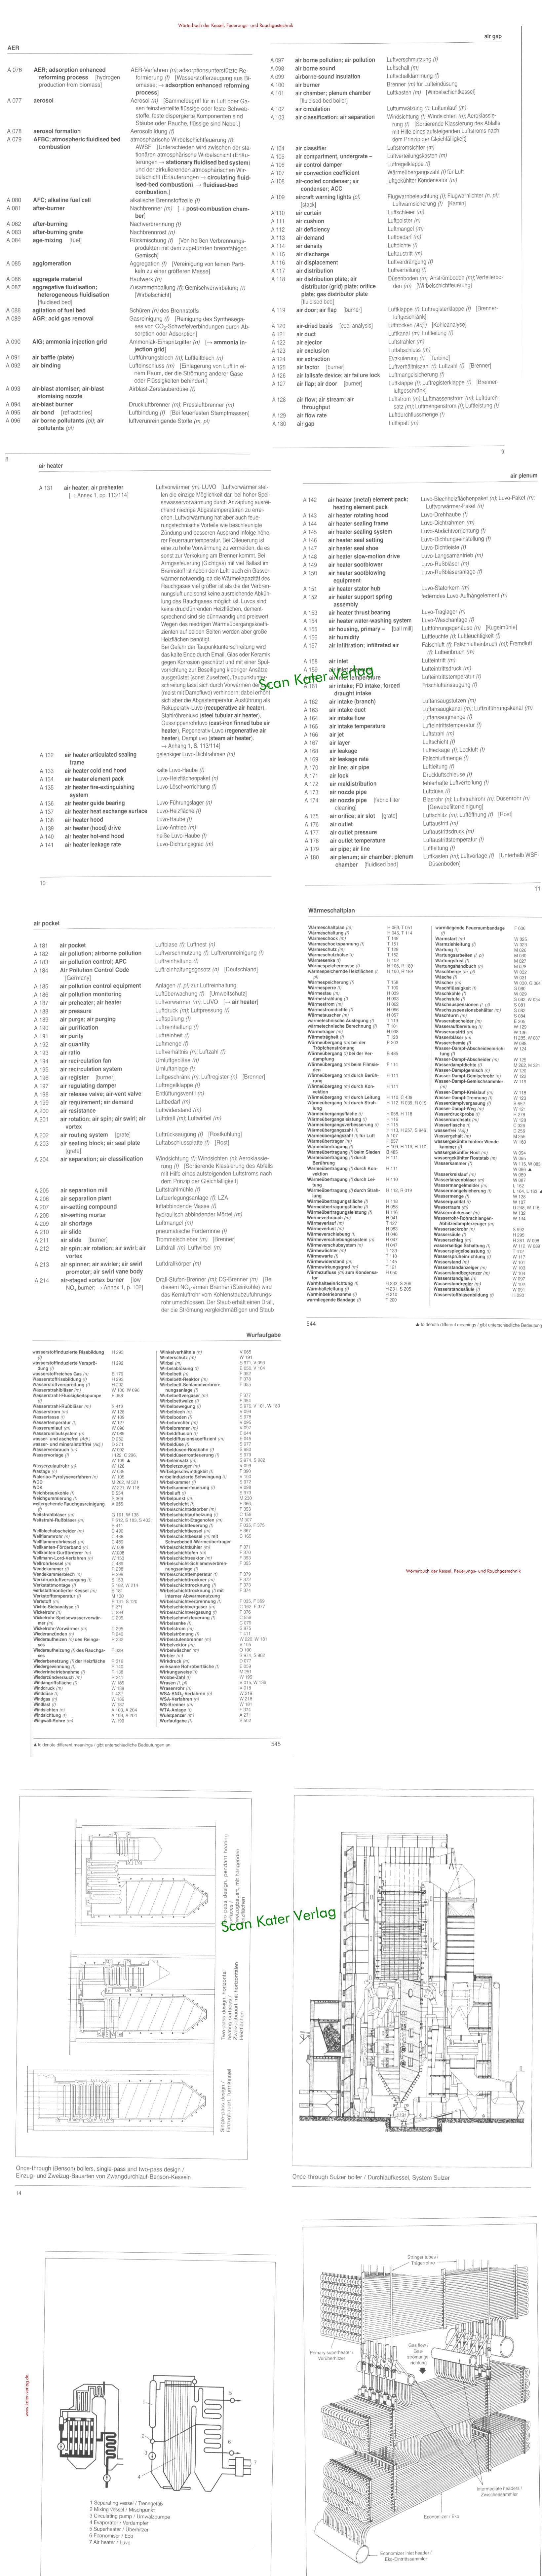 Fachwörterbuch Wörterbuch der Kessel-, Feuerungs- und ...